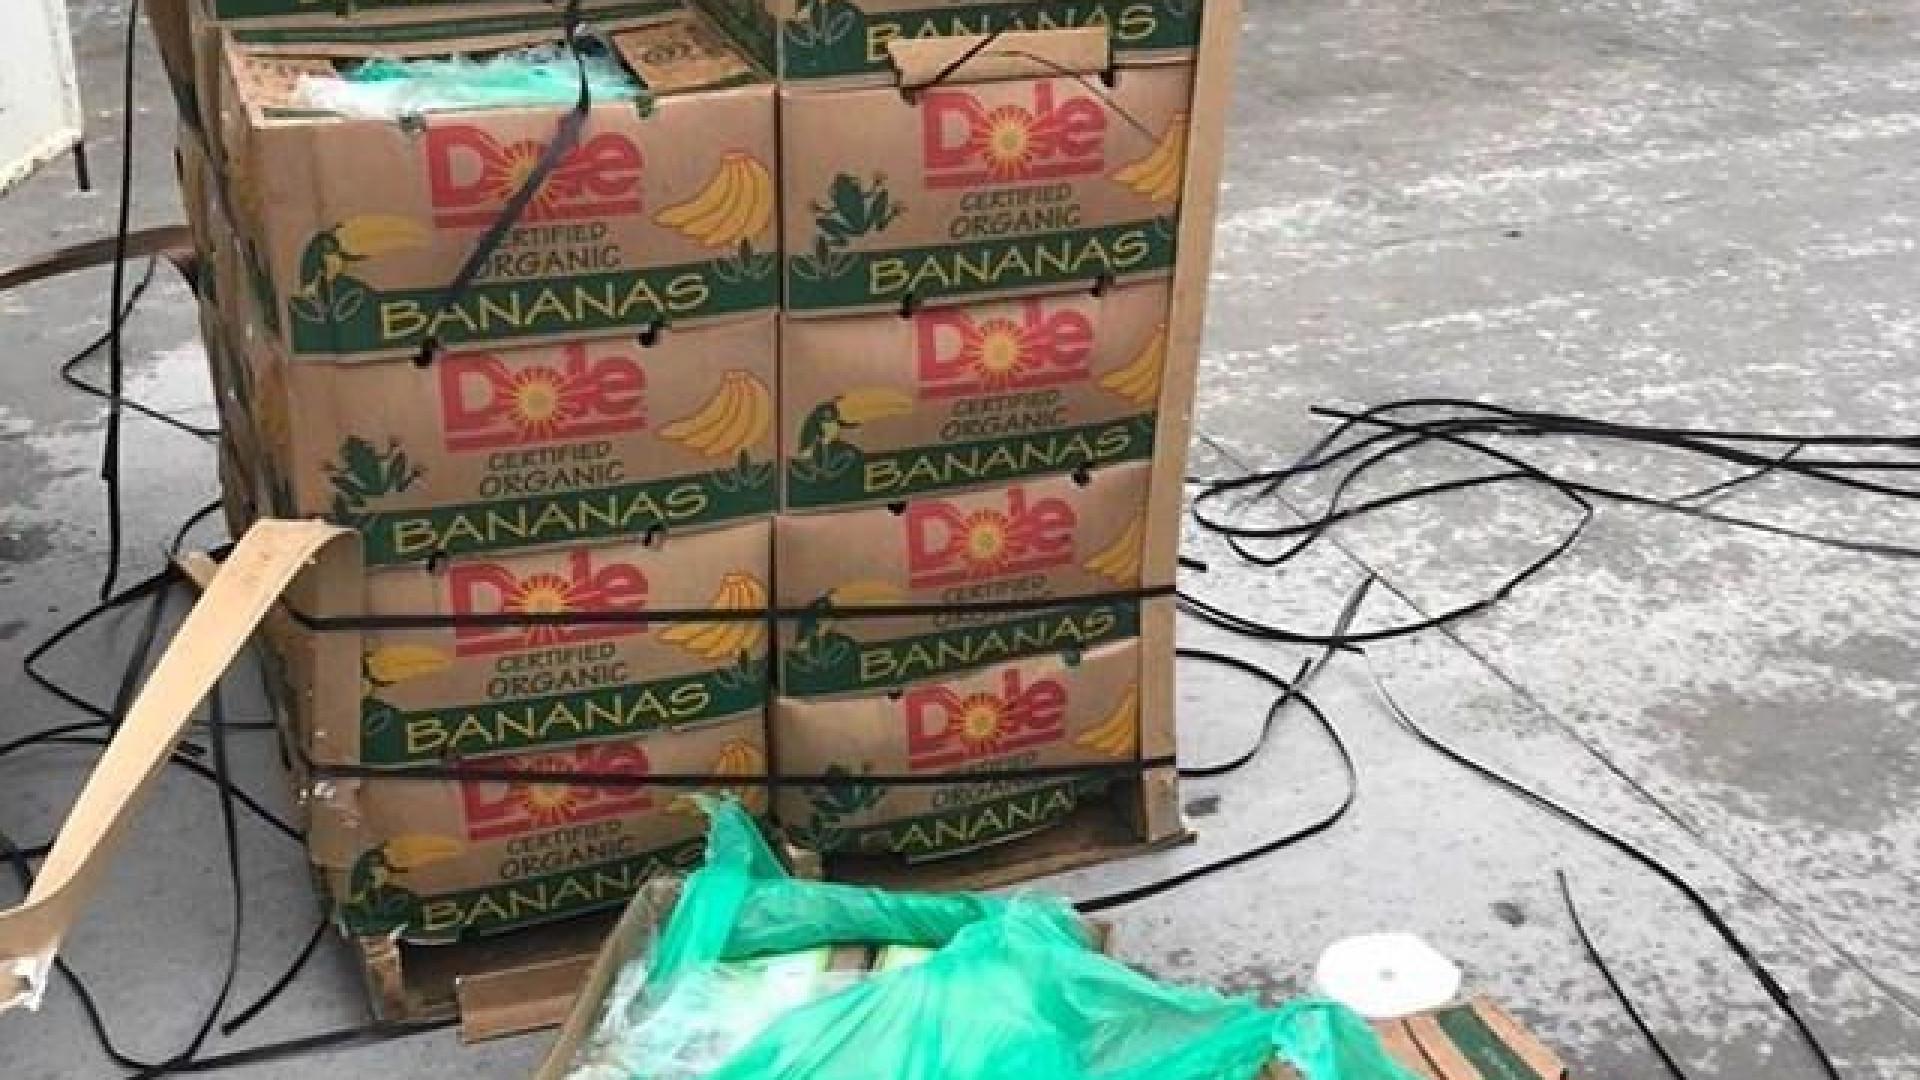 15 mil euros em cocaína encontrados em caixas de bananas nos EUA